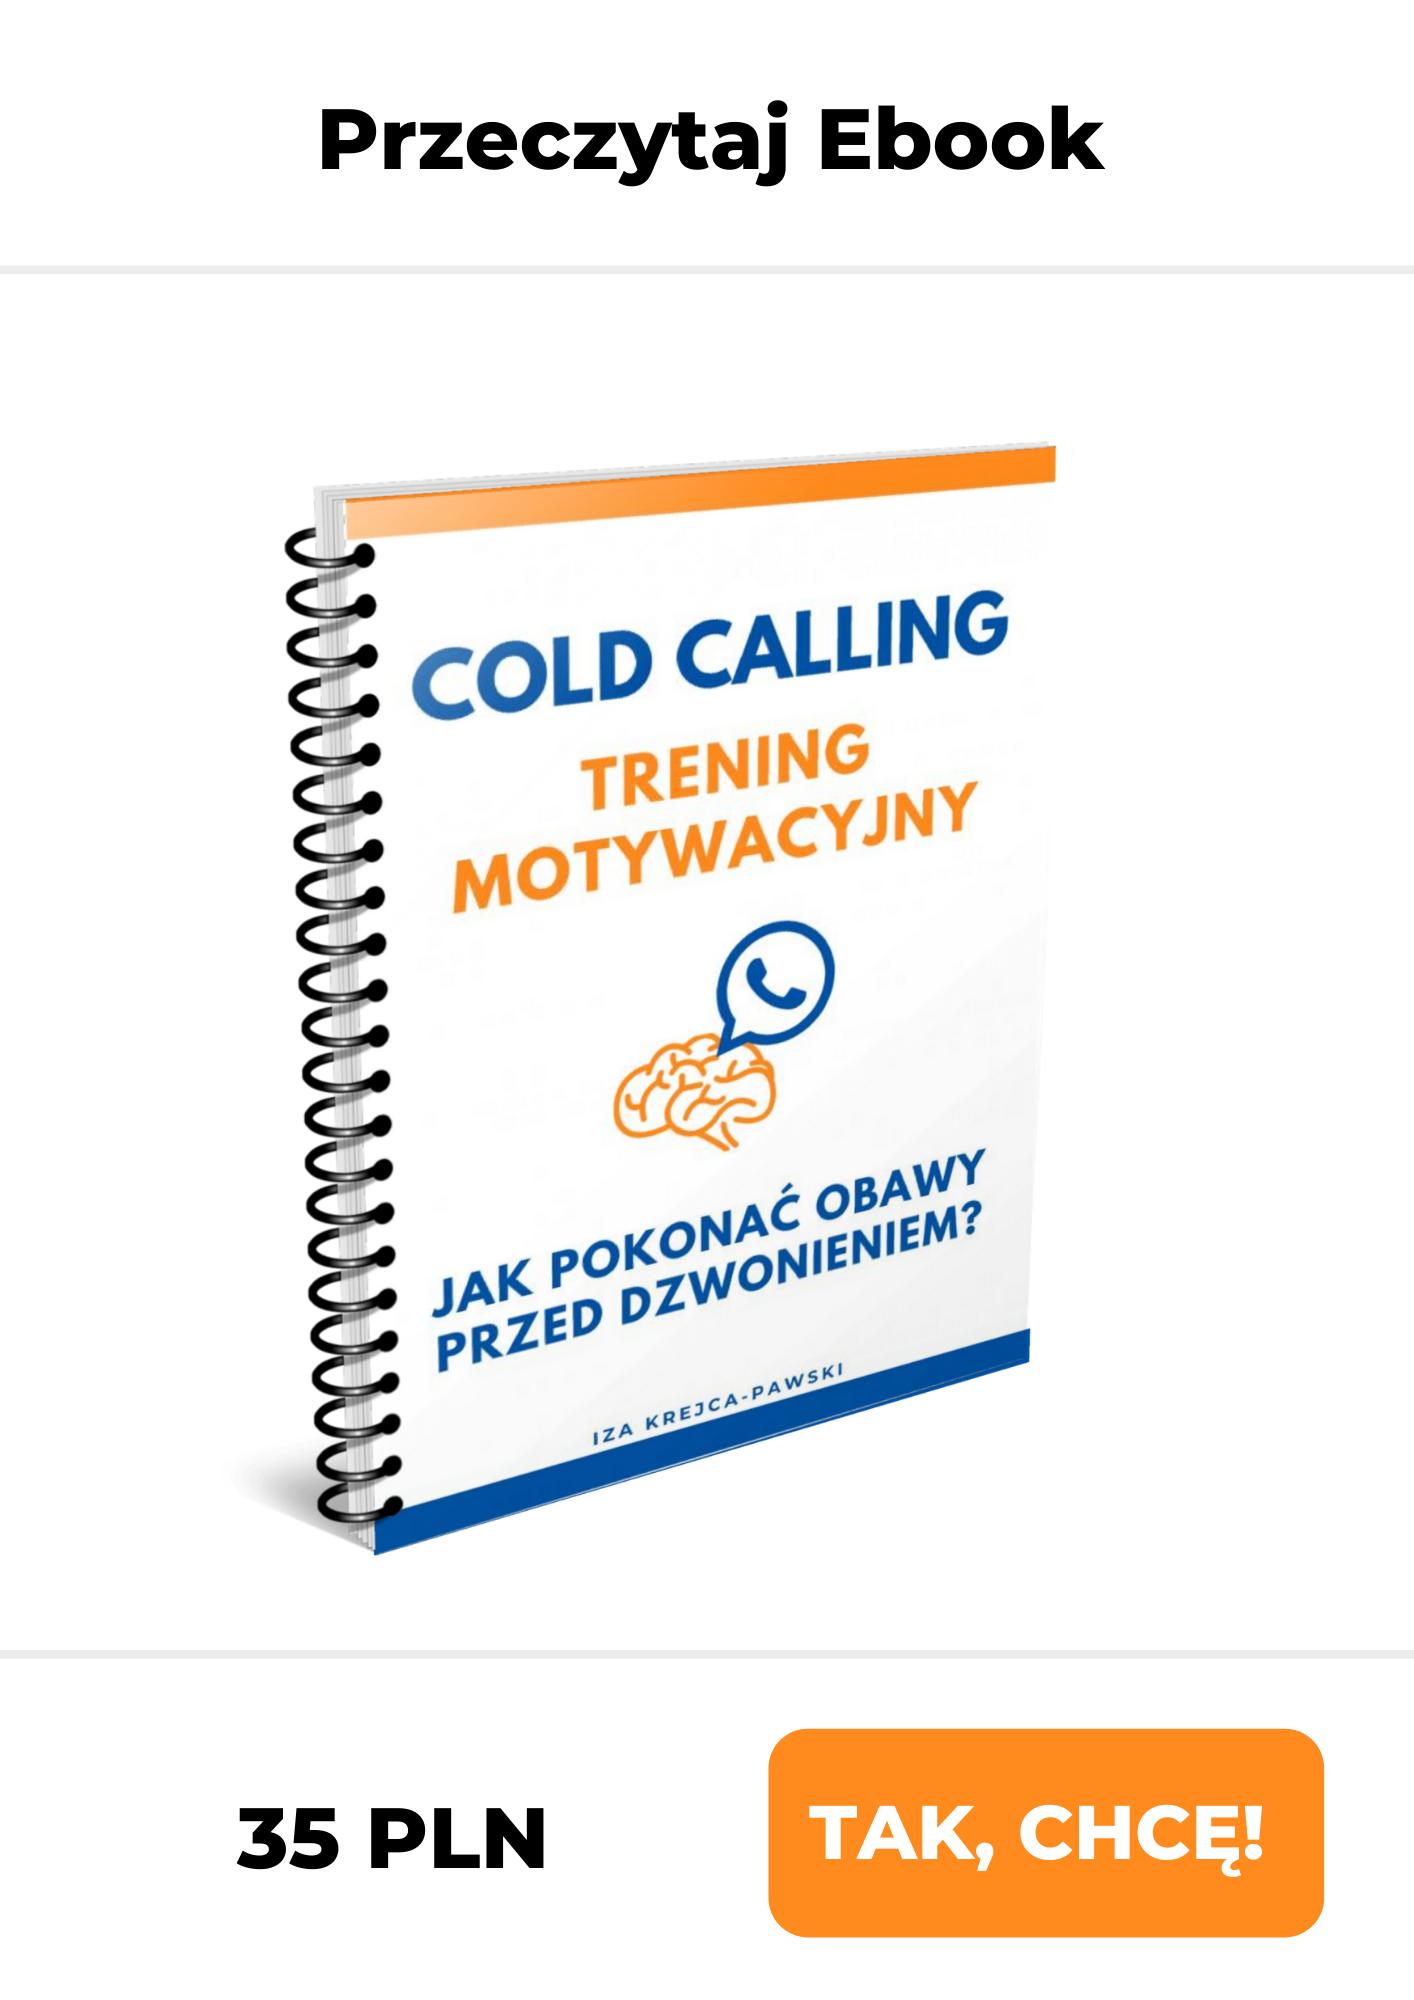 Ebook Cold Calling Trening motywacyjny Iza Krejca-Pawski